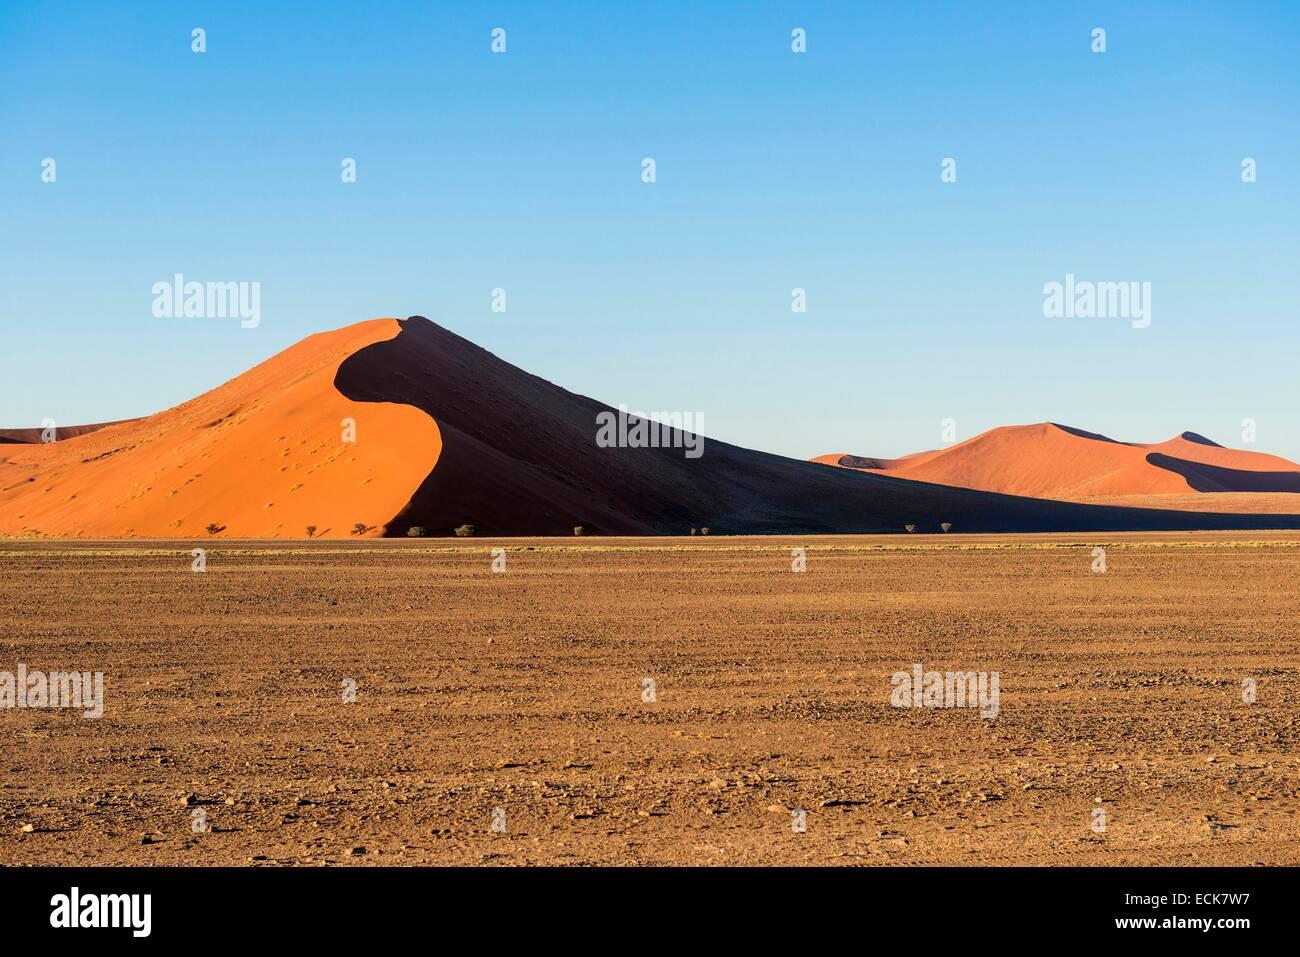 Namibia, Hardap region, Namib desert, Namib-Naukluft national park, Namib Sand Sea listed as World Heritage by UNESCO, - Stock Image